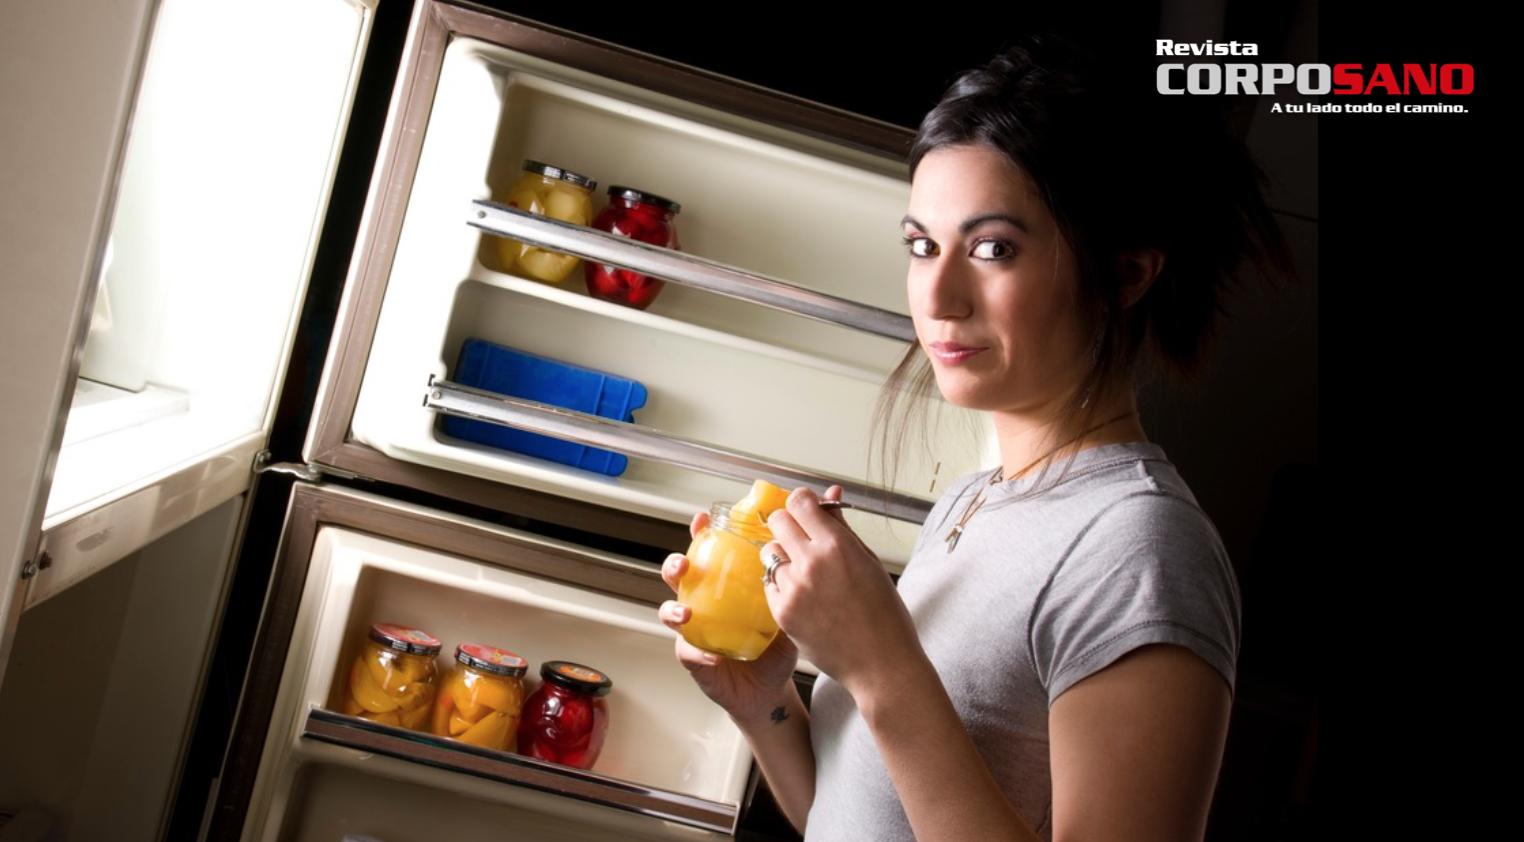 Del apetito: recetas de comidas para bajar de peso argentina usar gel fro